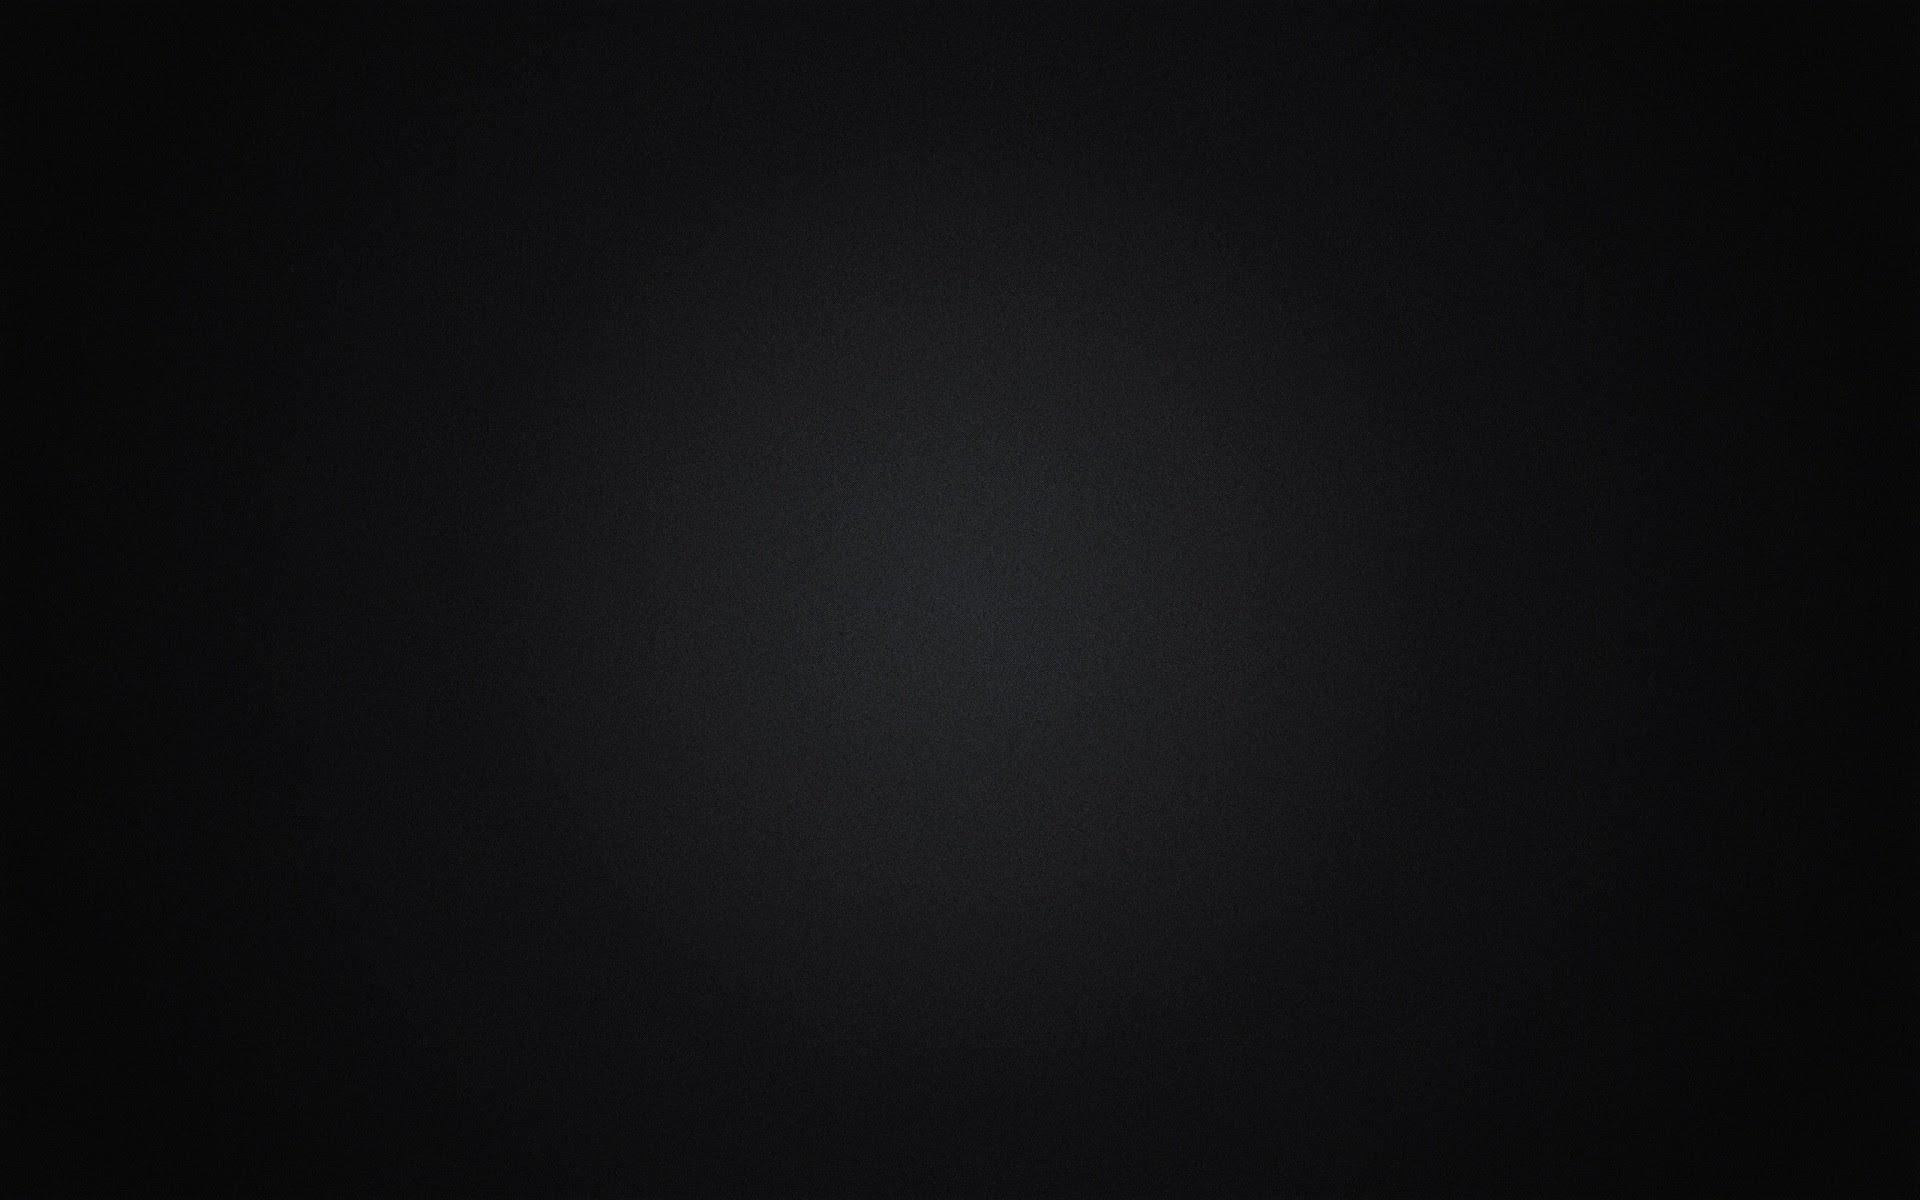 Download 3000 Wallpaper Black Full Screen HD Paling Keren